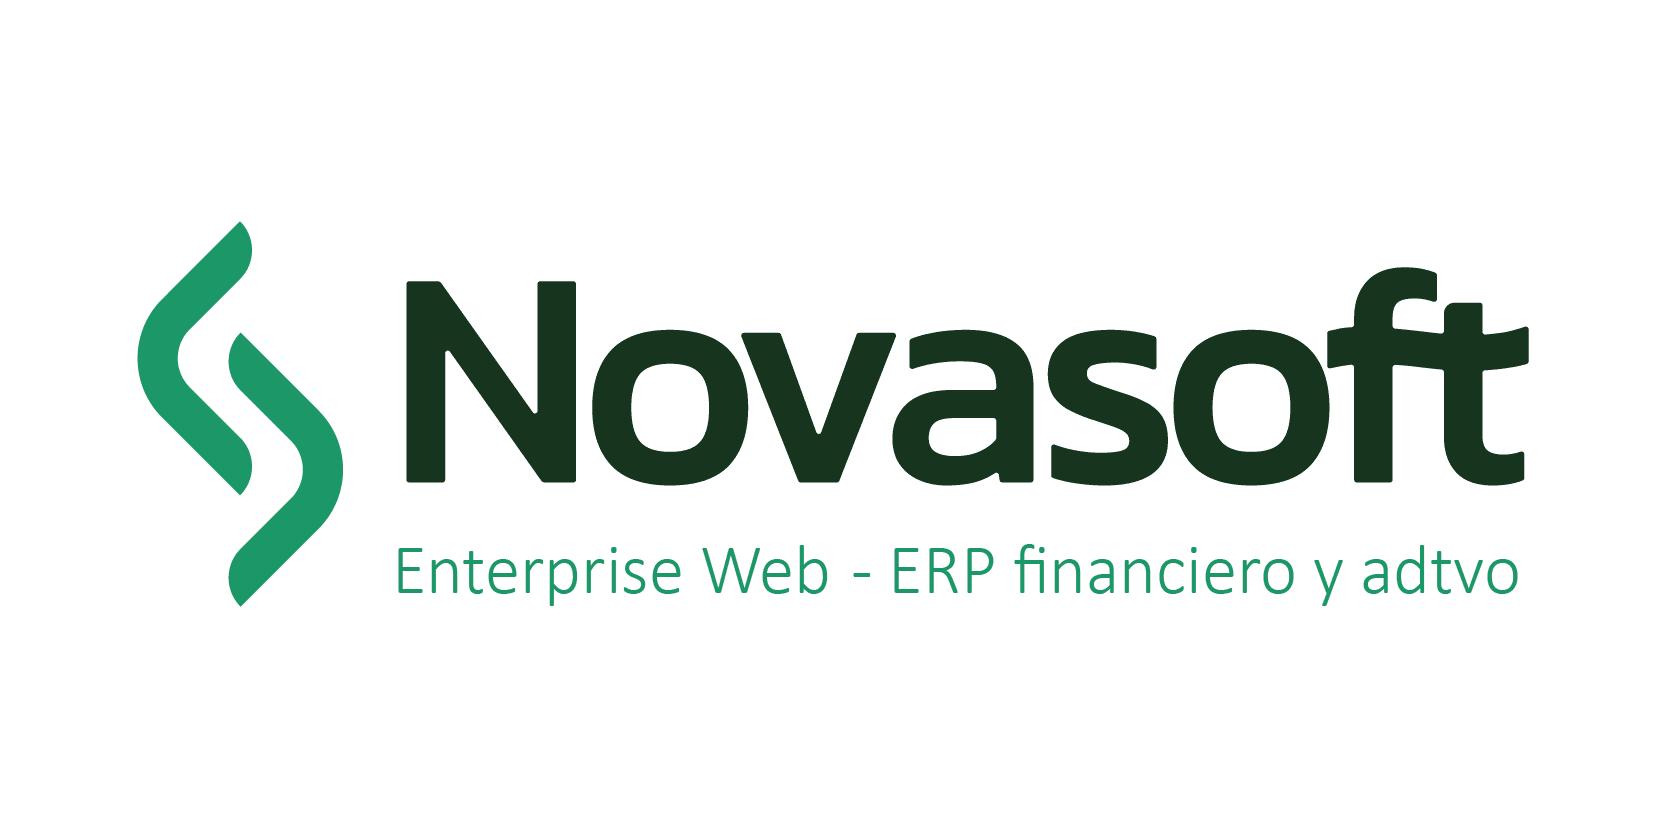 NOVASOFT ENTERPRISE  WEB – ERP Financiero y Administrativo - Software de Gestión Empresarial en la Nube